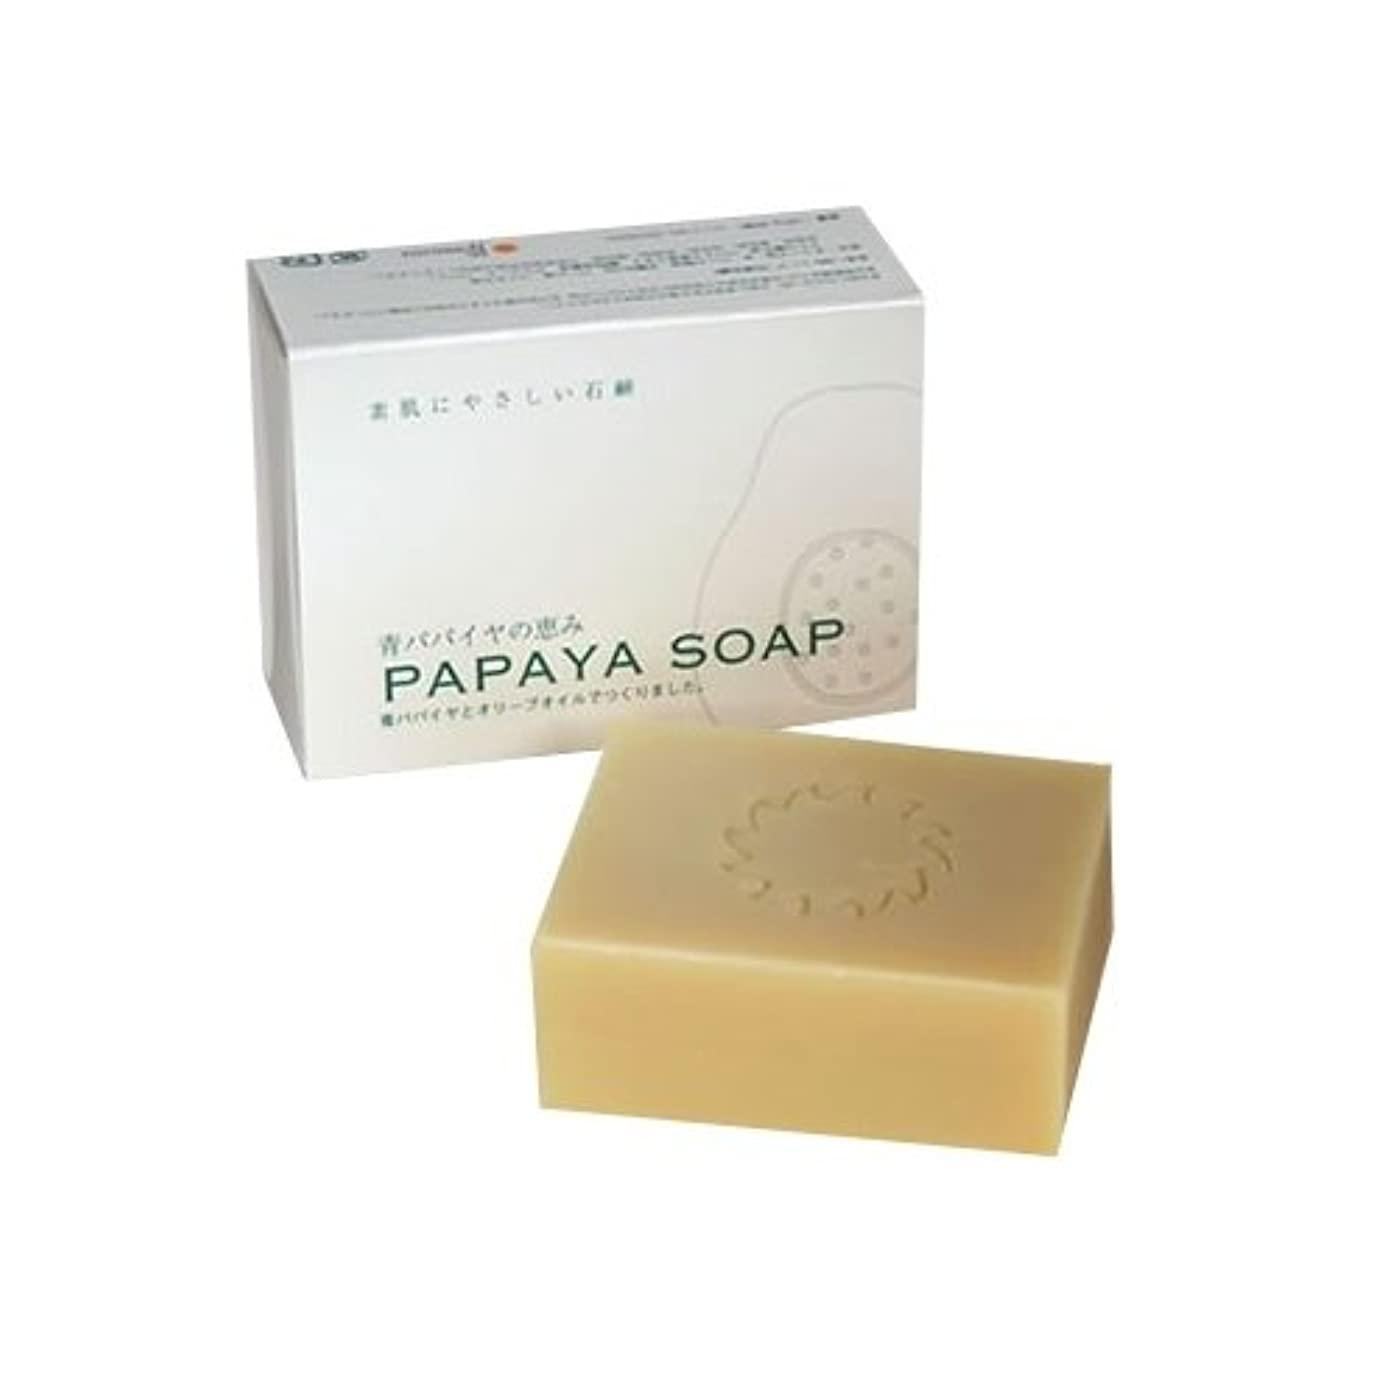 違うスーツケース与える青パパイヤの恵み PAPAYA SOAP(パパイヤソープ) 100g